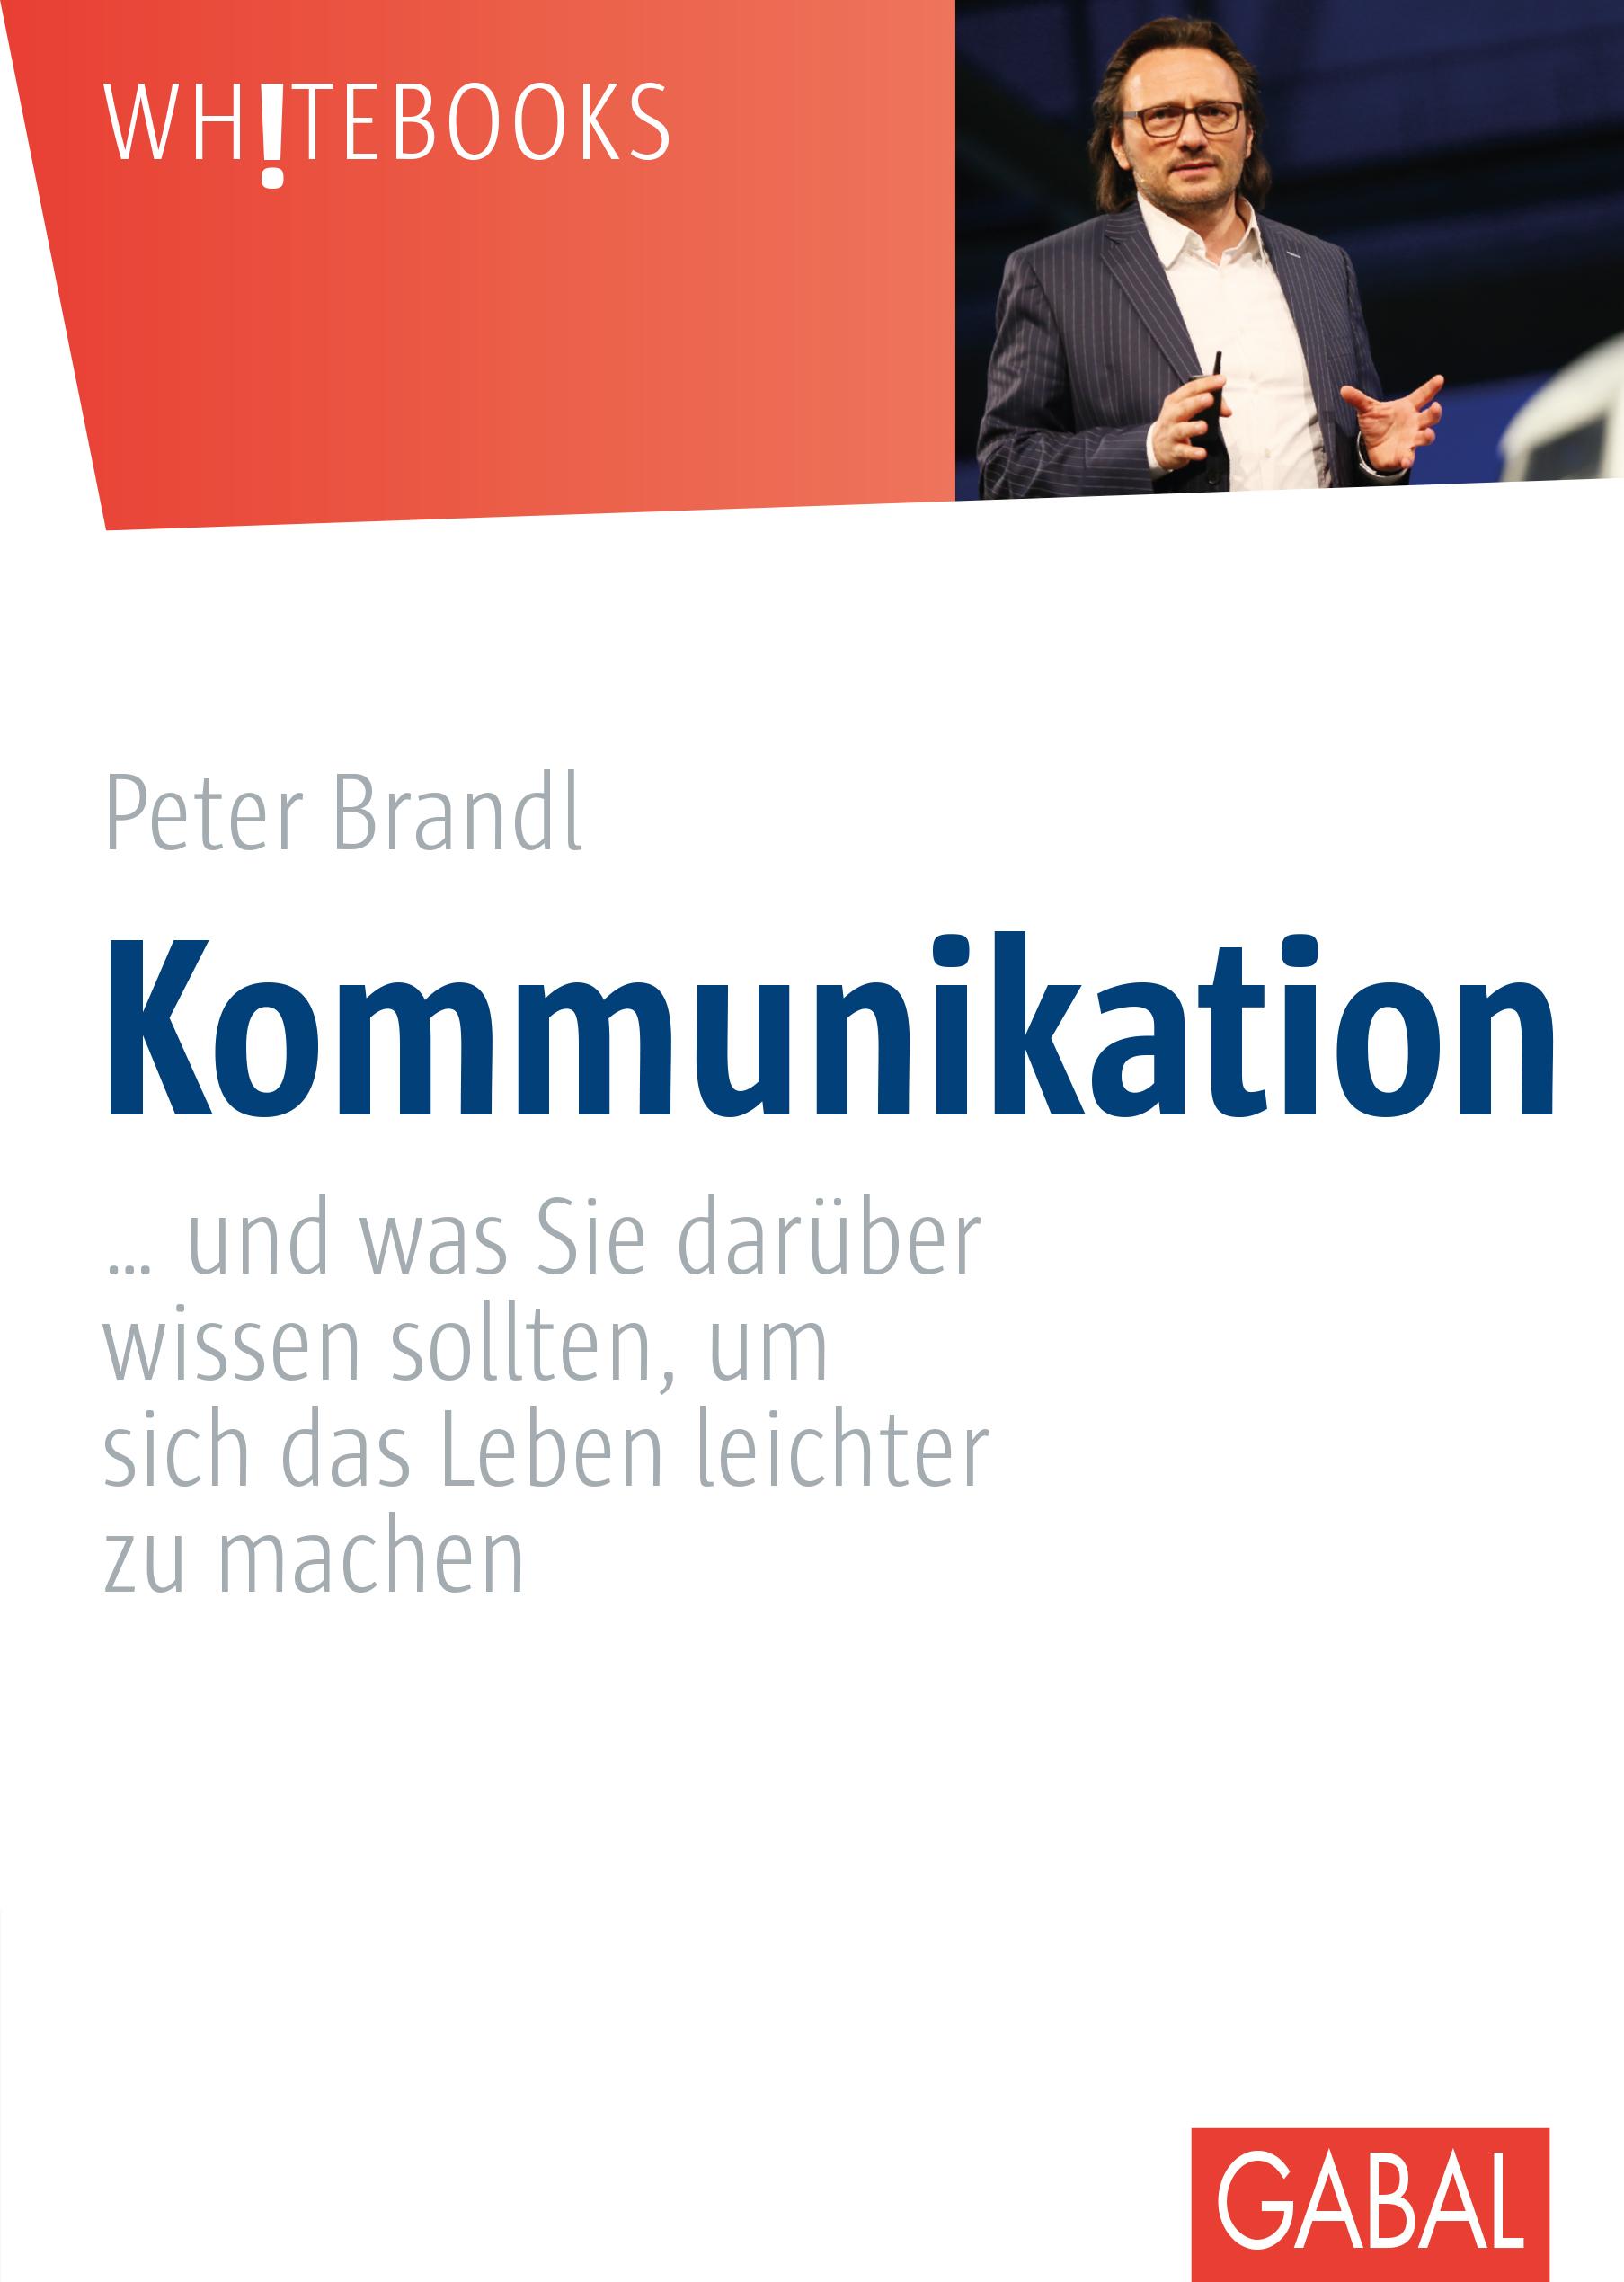 Expert Marketplace -  Peter Brandl  - Kommunikation: … und was Sie darüber wissen sollten, um sich das Leben leichter zu machen (Whitebooks)